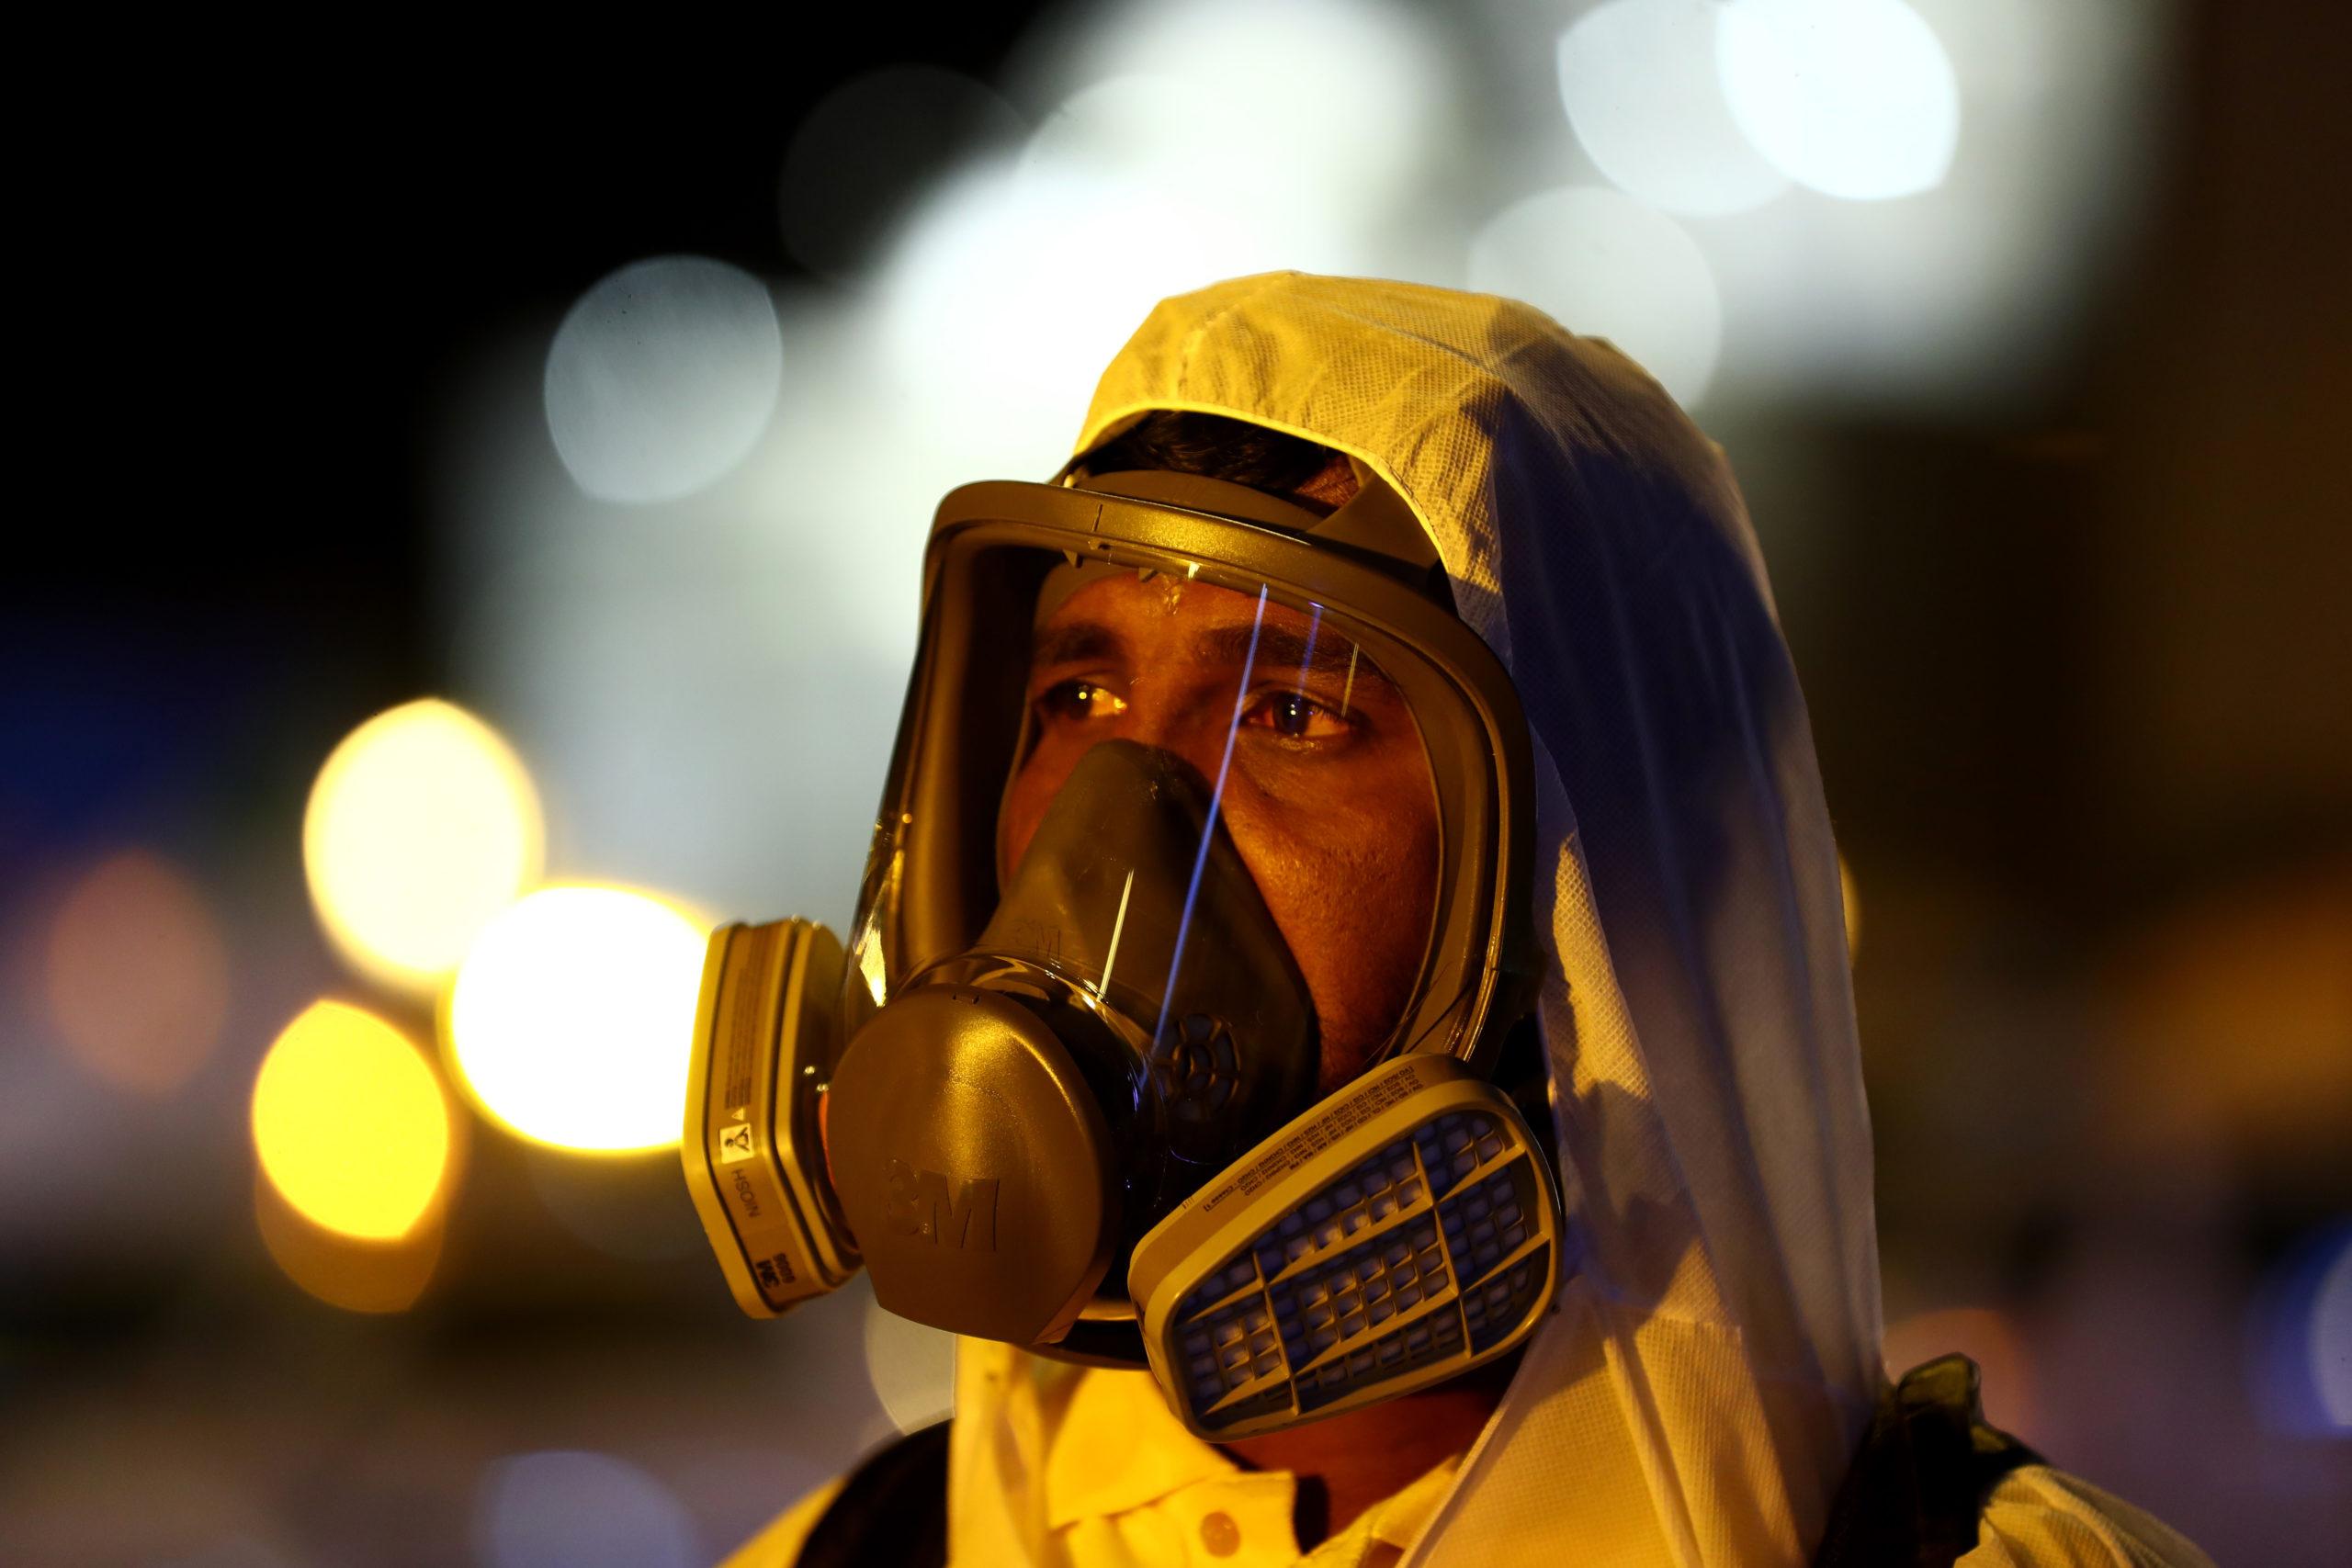 29 марта и коронавирус: больше 660 тысяч зараженных в мире, 10 тысяч смертей в Италии, Россия закрывает границы